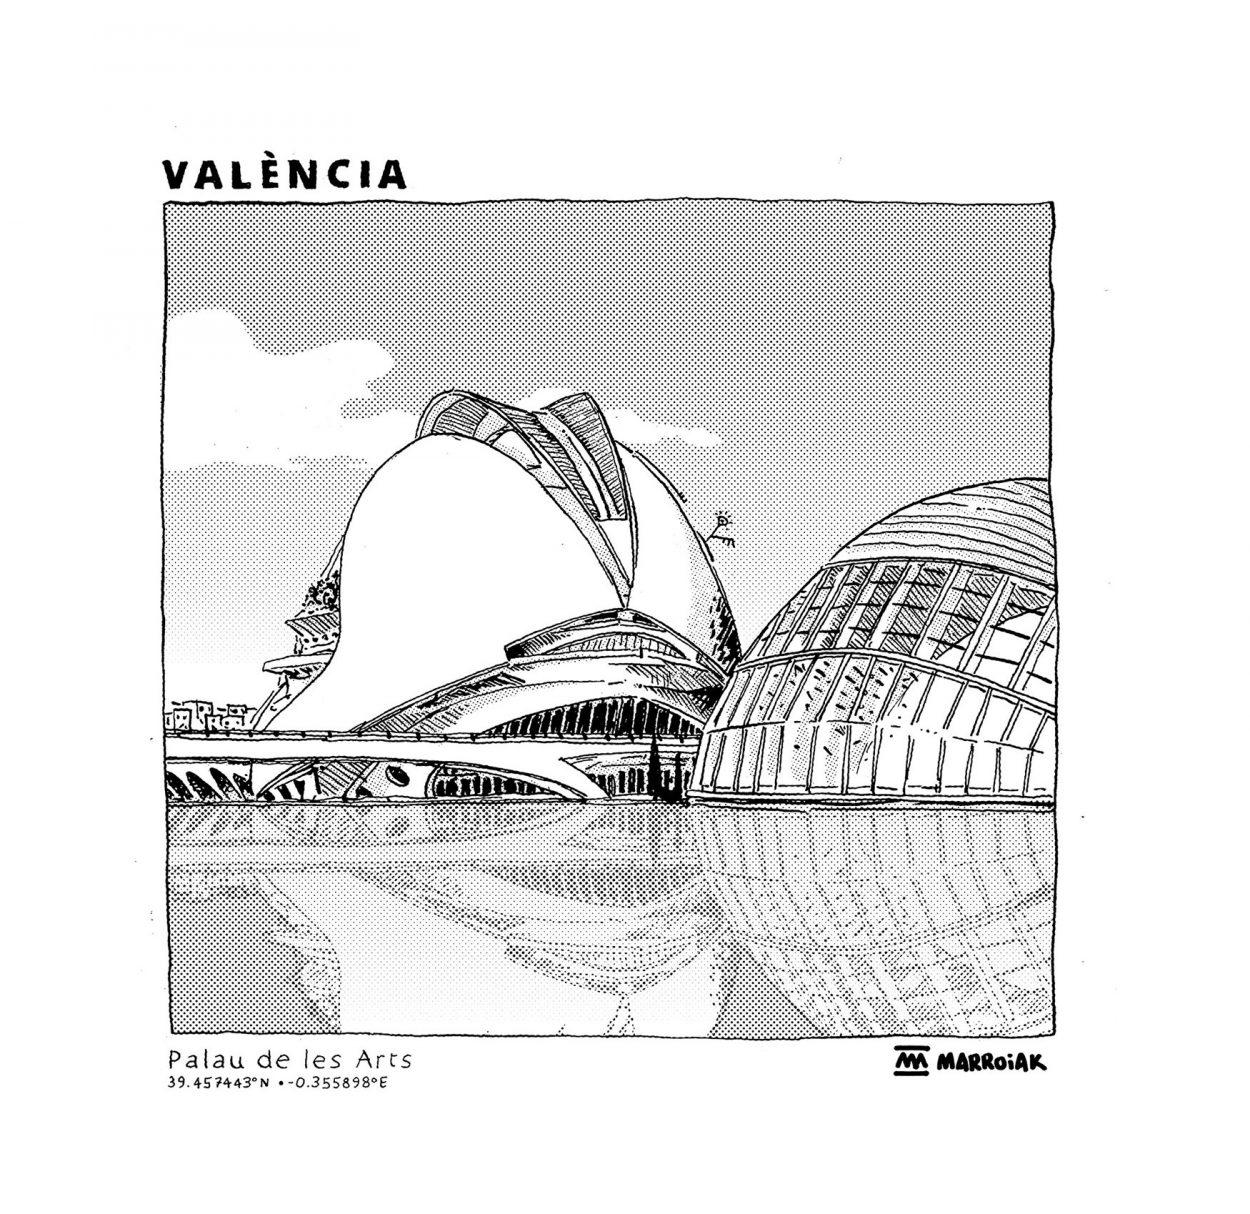 Cuadro para enmarcar con un dibujo en blanco y negro del Palau de les Arts en la Ciudad de las Artes y de las Ciencias en Valencia. Ilustración de arquitectura. Decoración del hogar. Dibujo lineal.